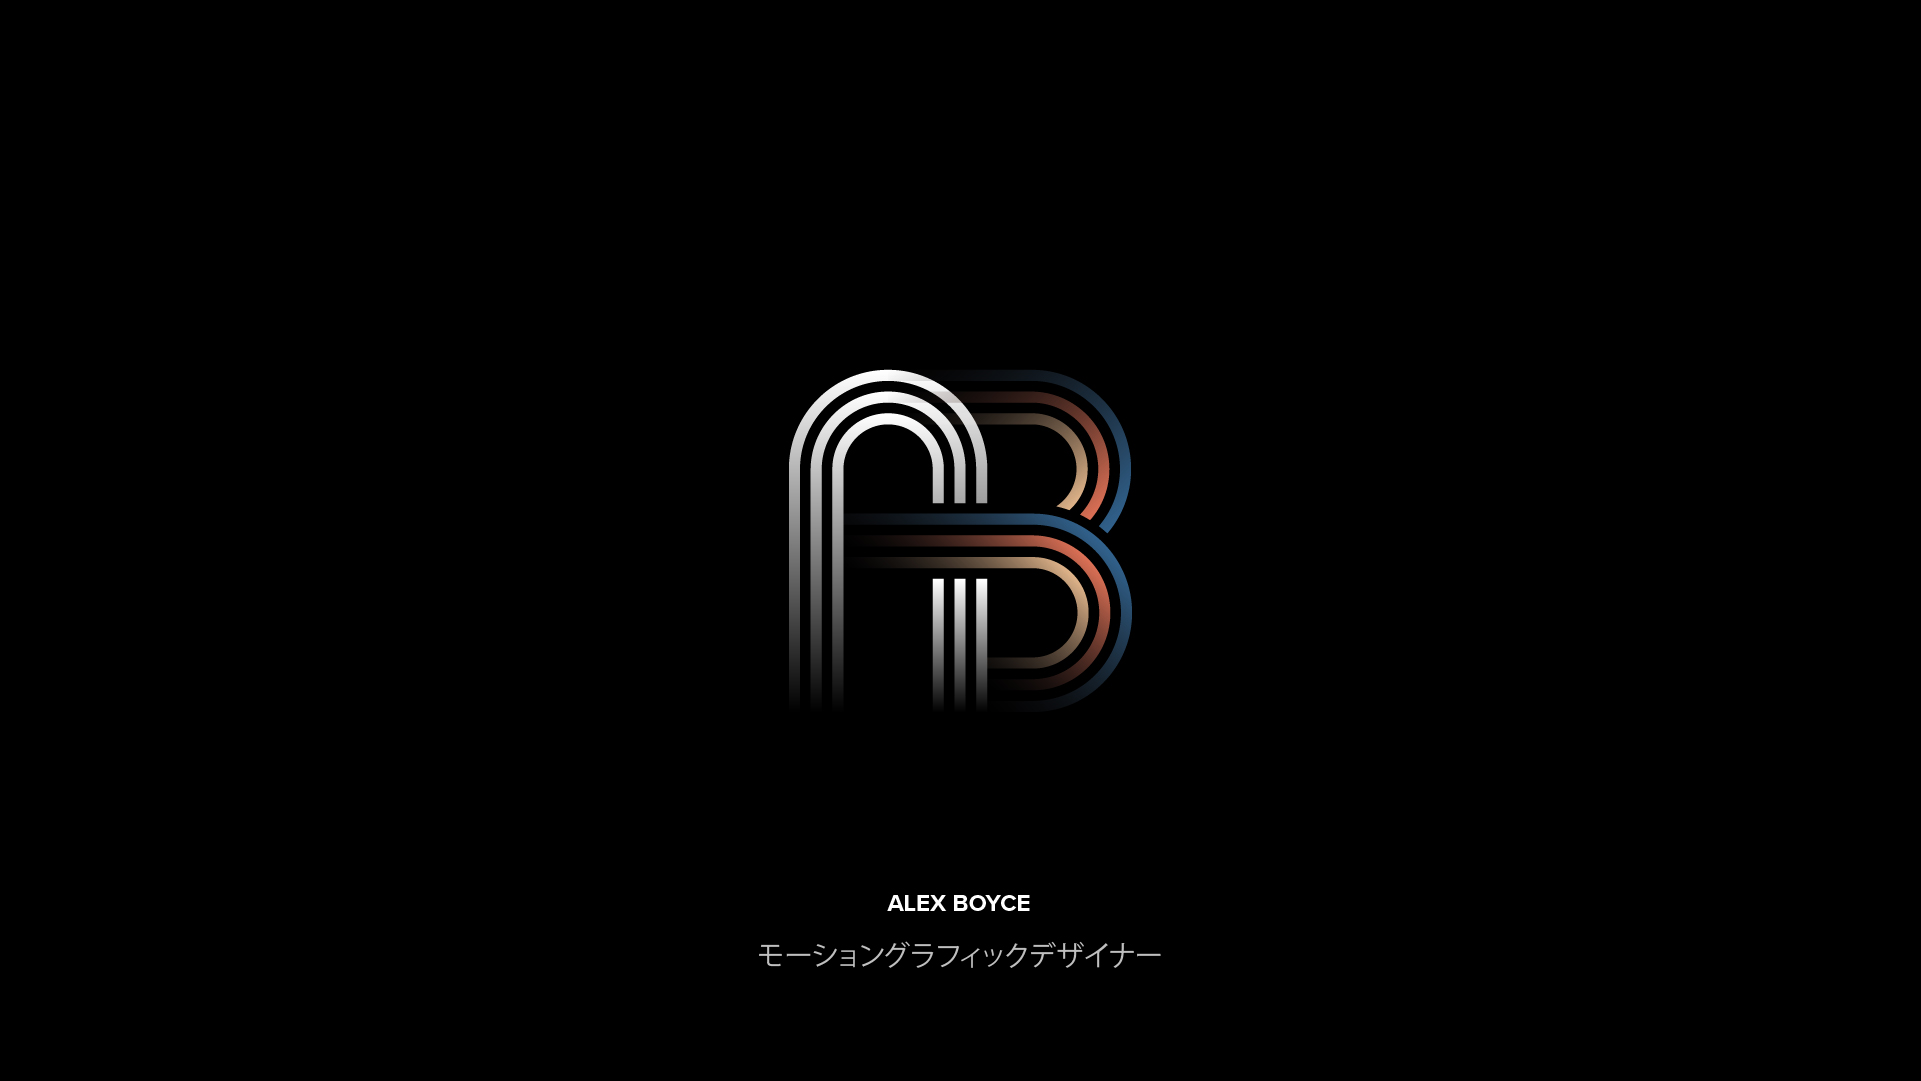 AB_Rebrand_v017-06.jpg